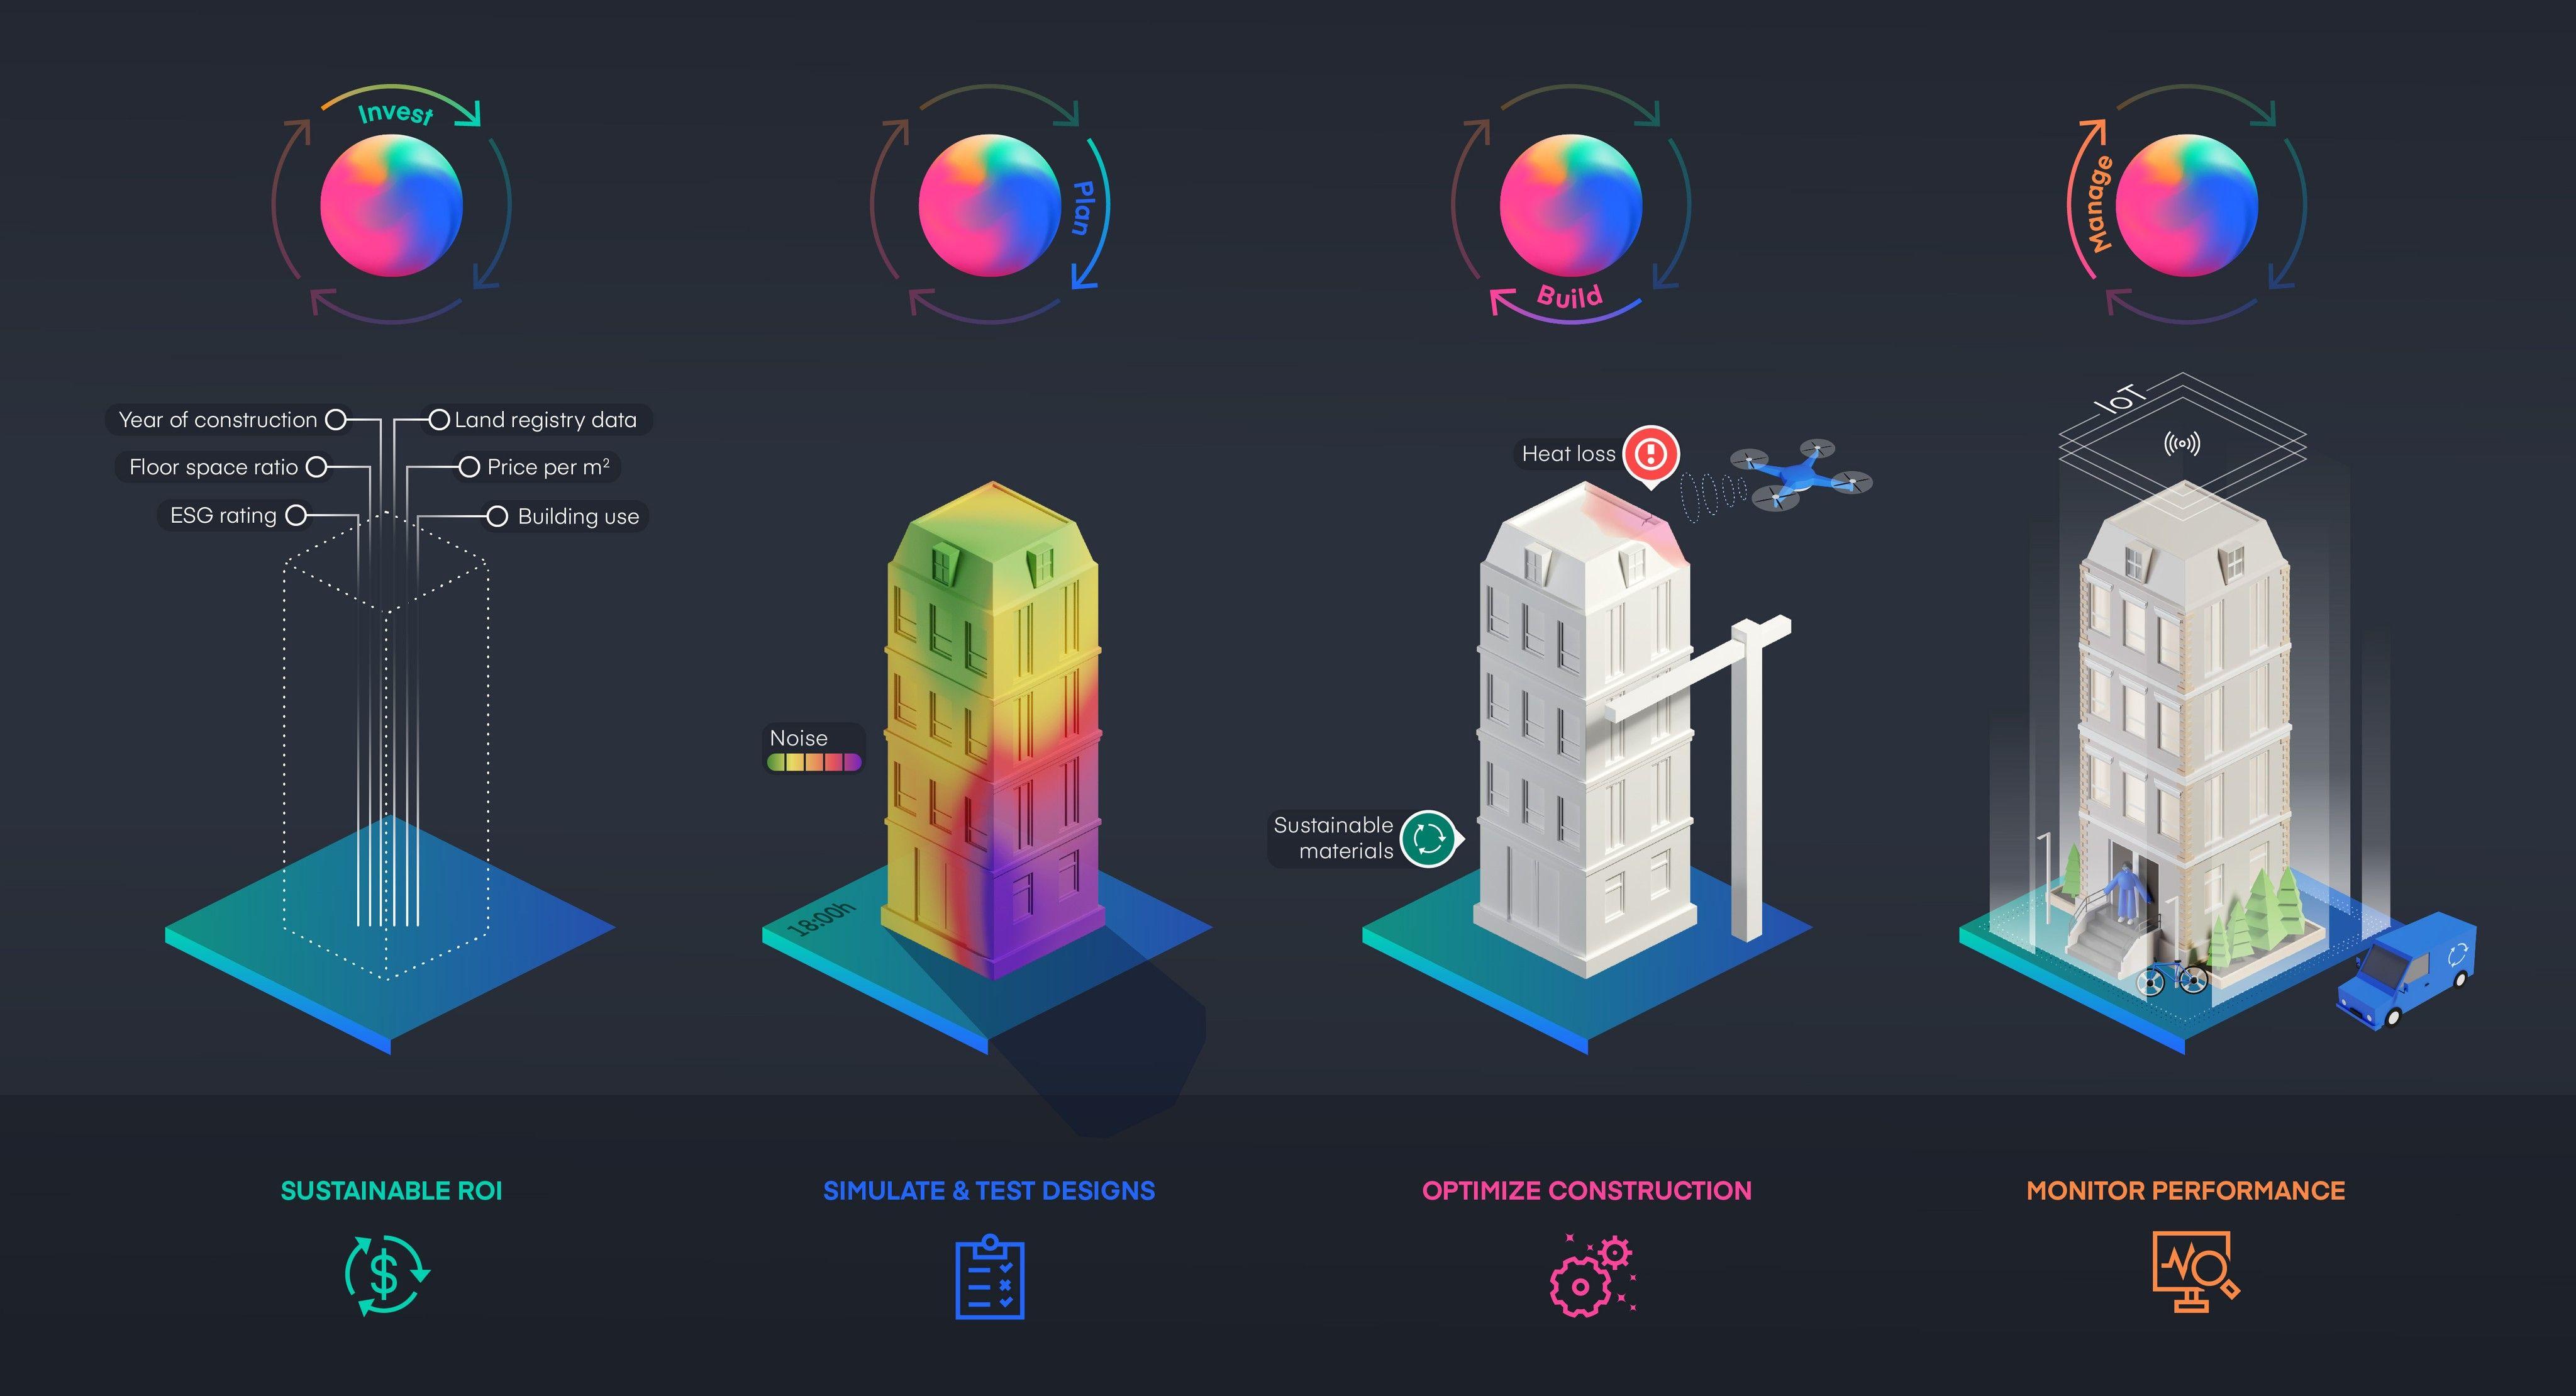 Infografik_Digital Twins verbessern die Nachhaltigkeit von Immobilien über den gesamten Lebenszyklus_Nomoko